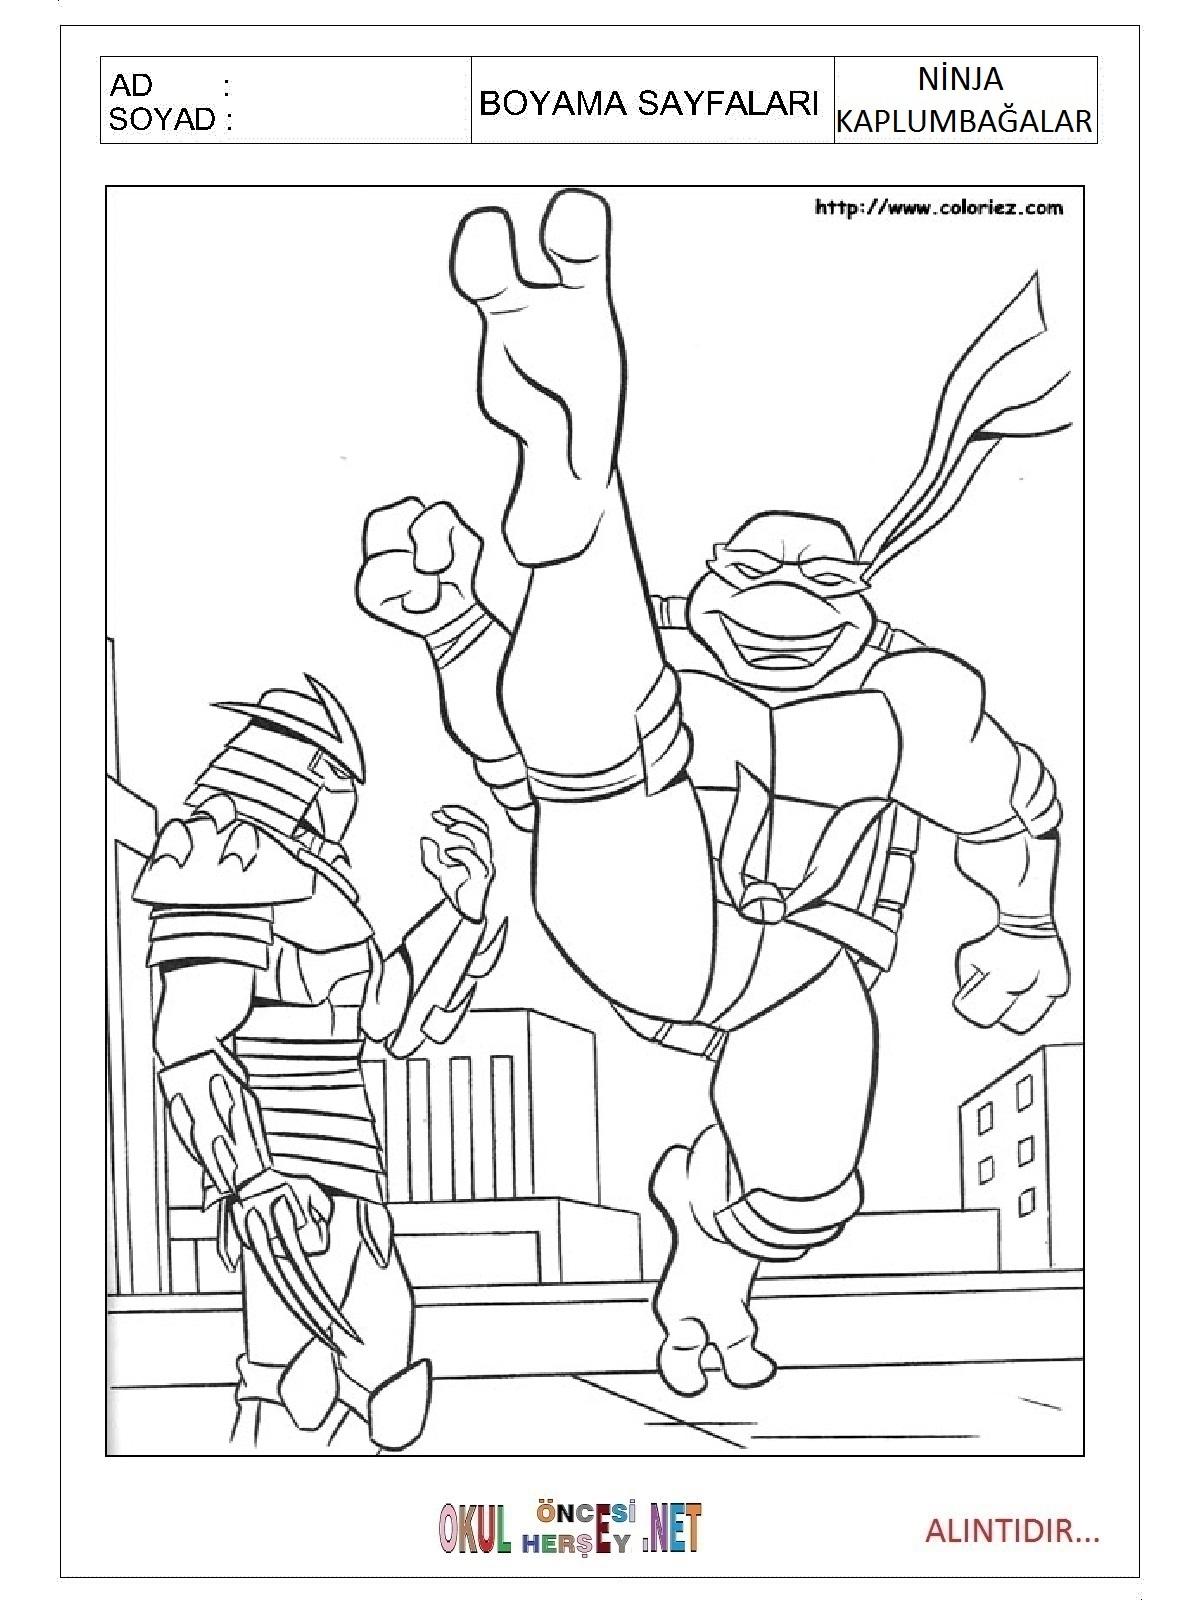 Ninja Kaplumbagalar Boyama Sayfalari